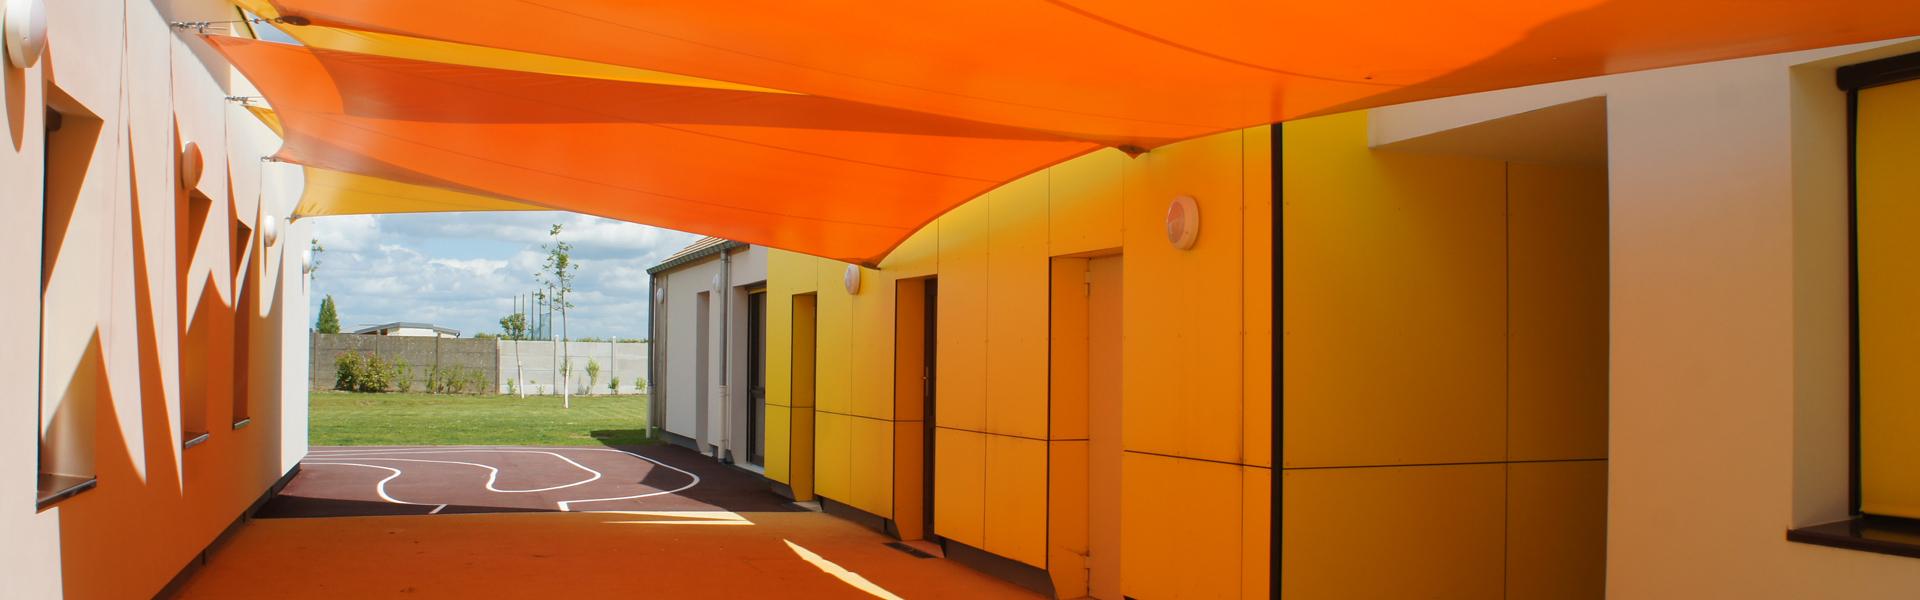 A5A ARCHITECTES,Construction de la Maison de la petite enfance d'Ennery